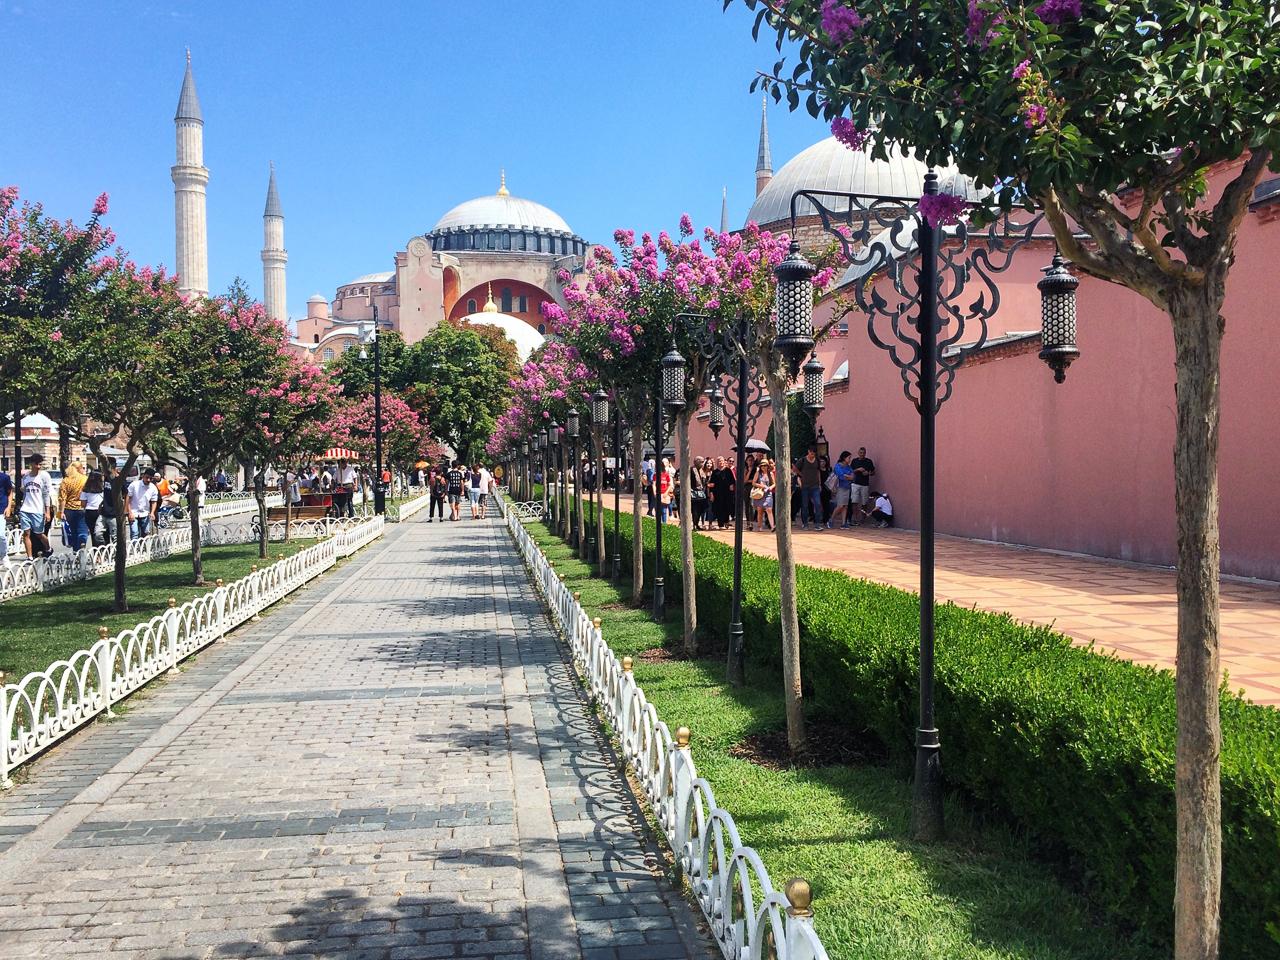 Стоповер в Стамбуле. День 1: Парк Султана Ахмета и Айя-София